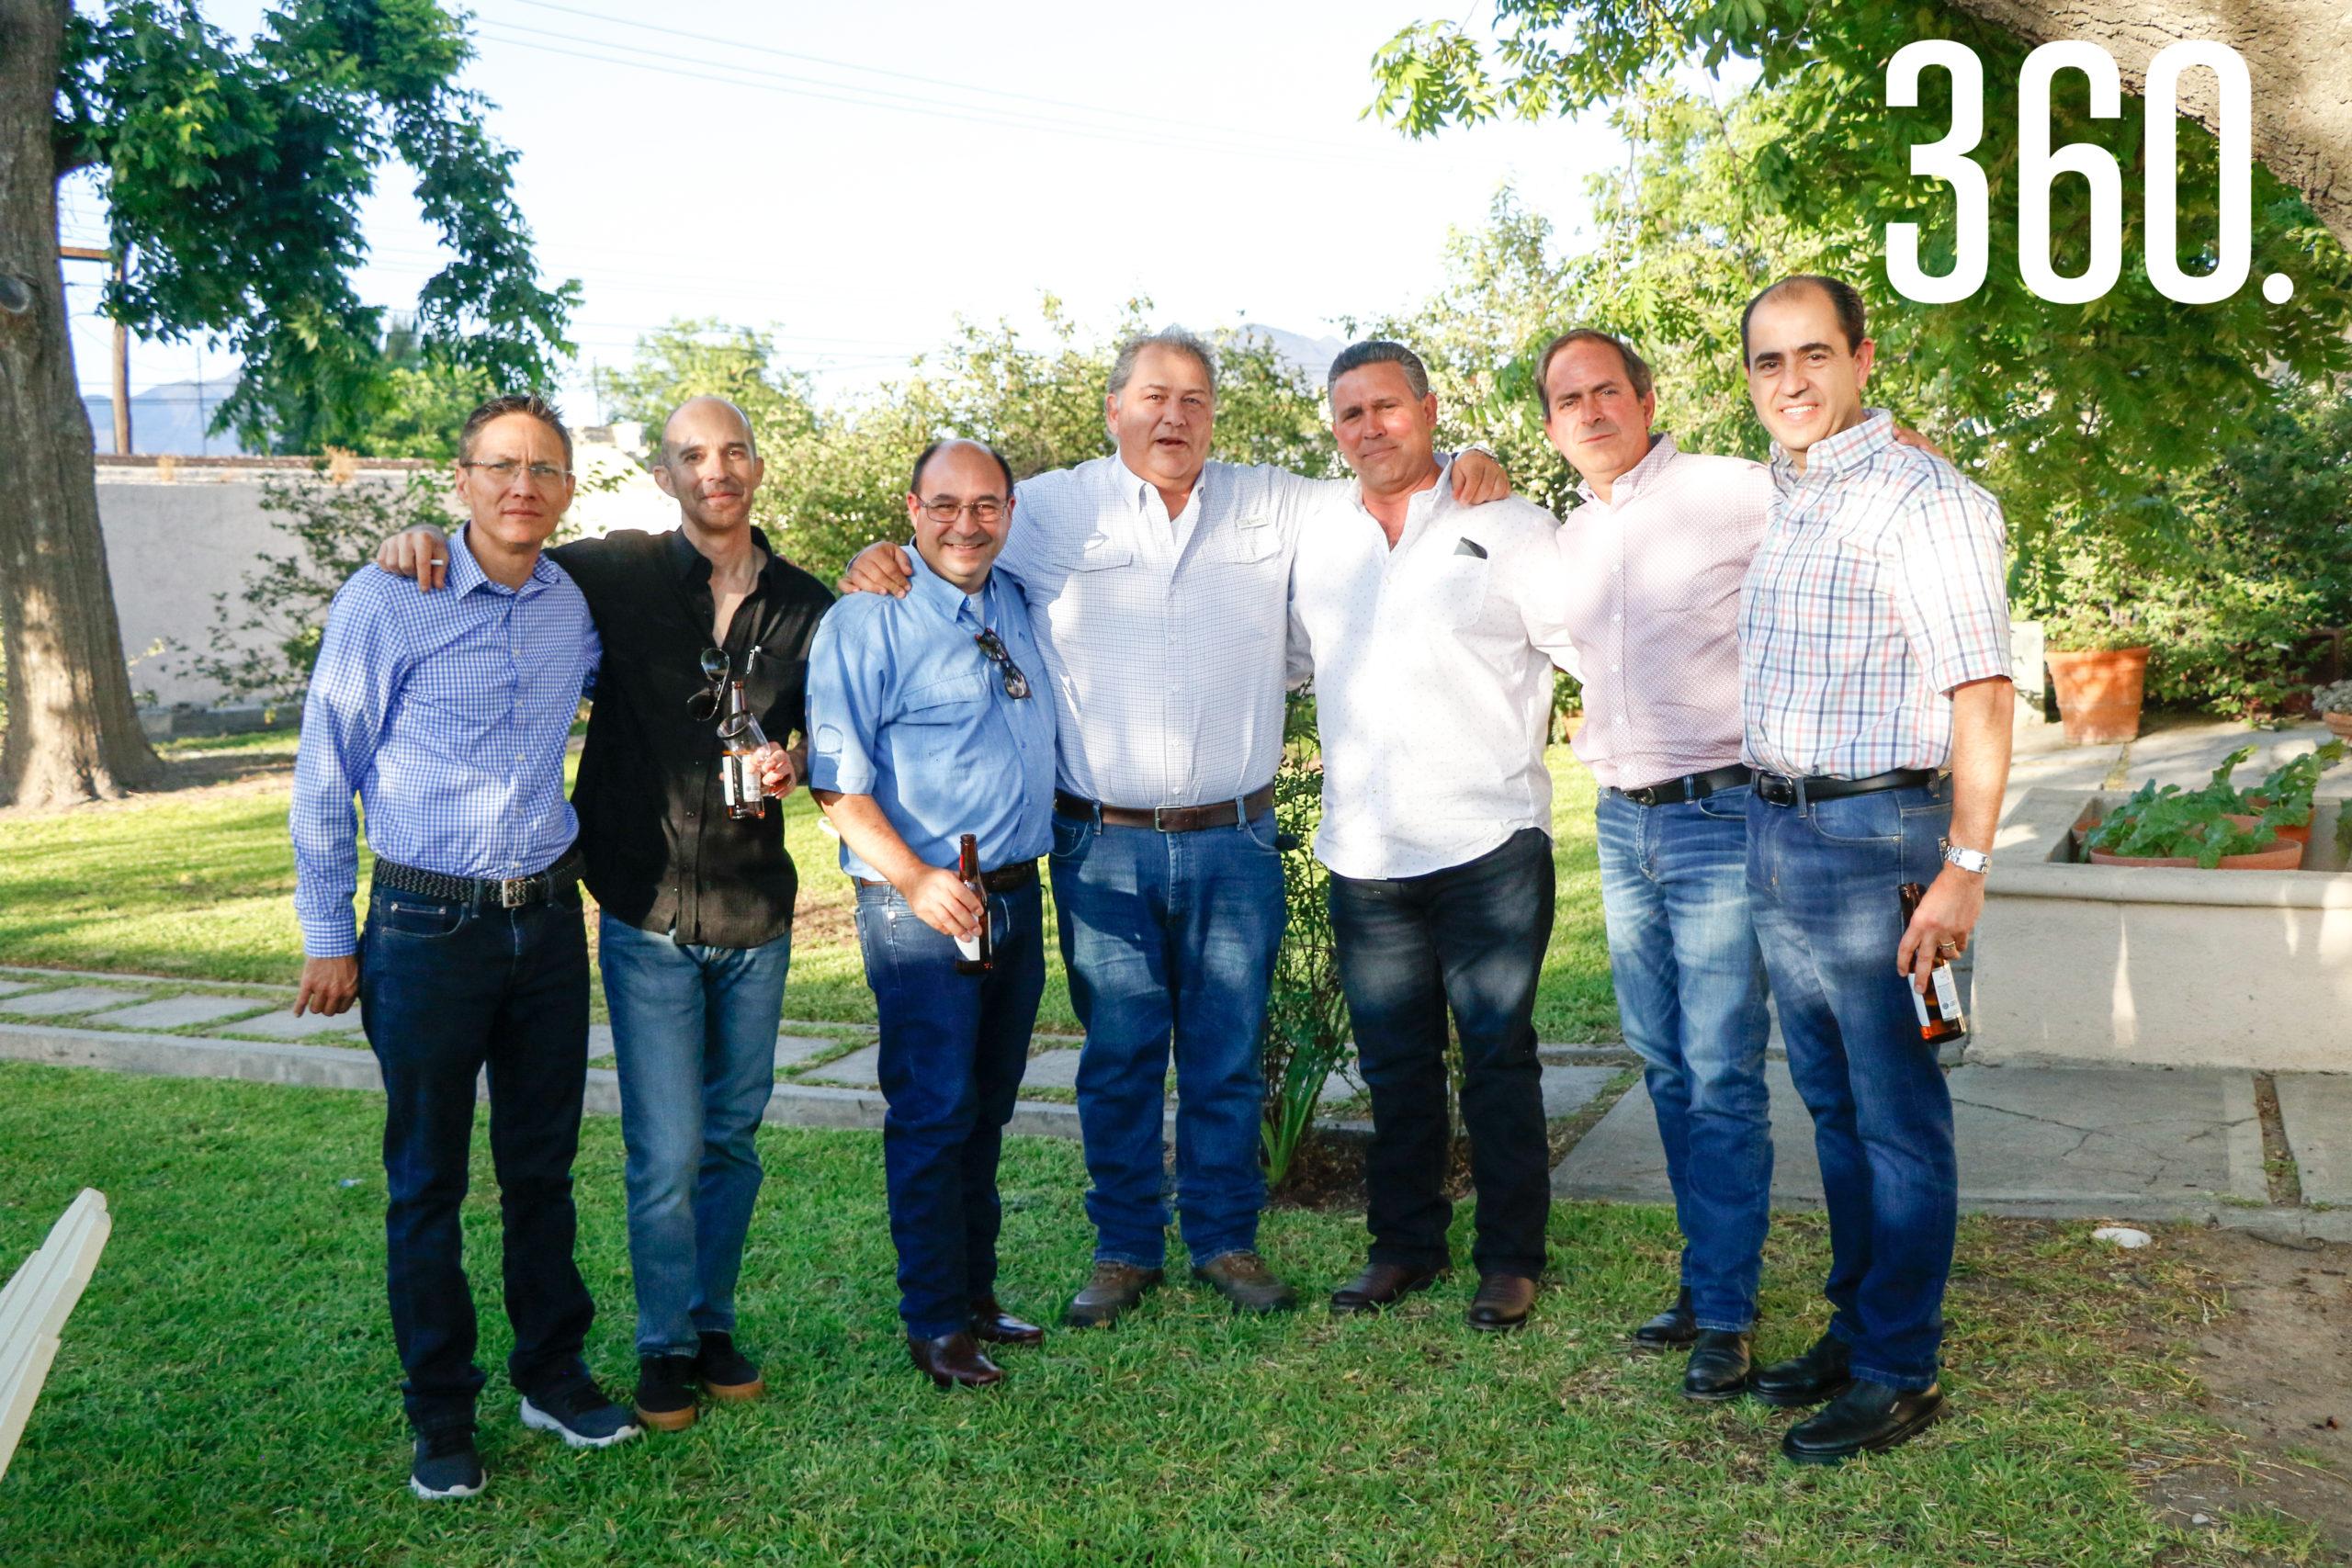 Aldegundo Dorbecker, Alfonso Aguirre, Adrián García, Juan Sierra, Adrián González, David Villarreal y Arturo Garza.